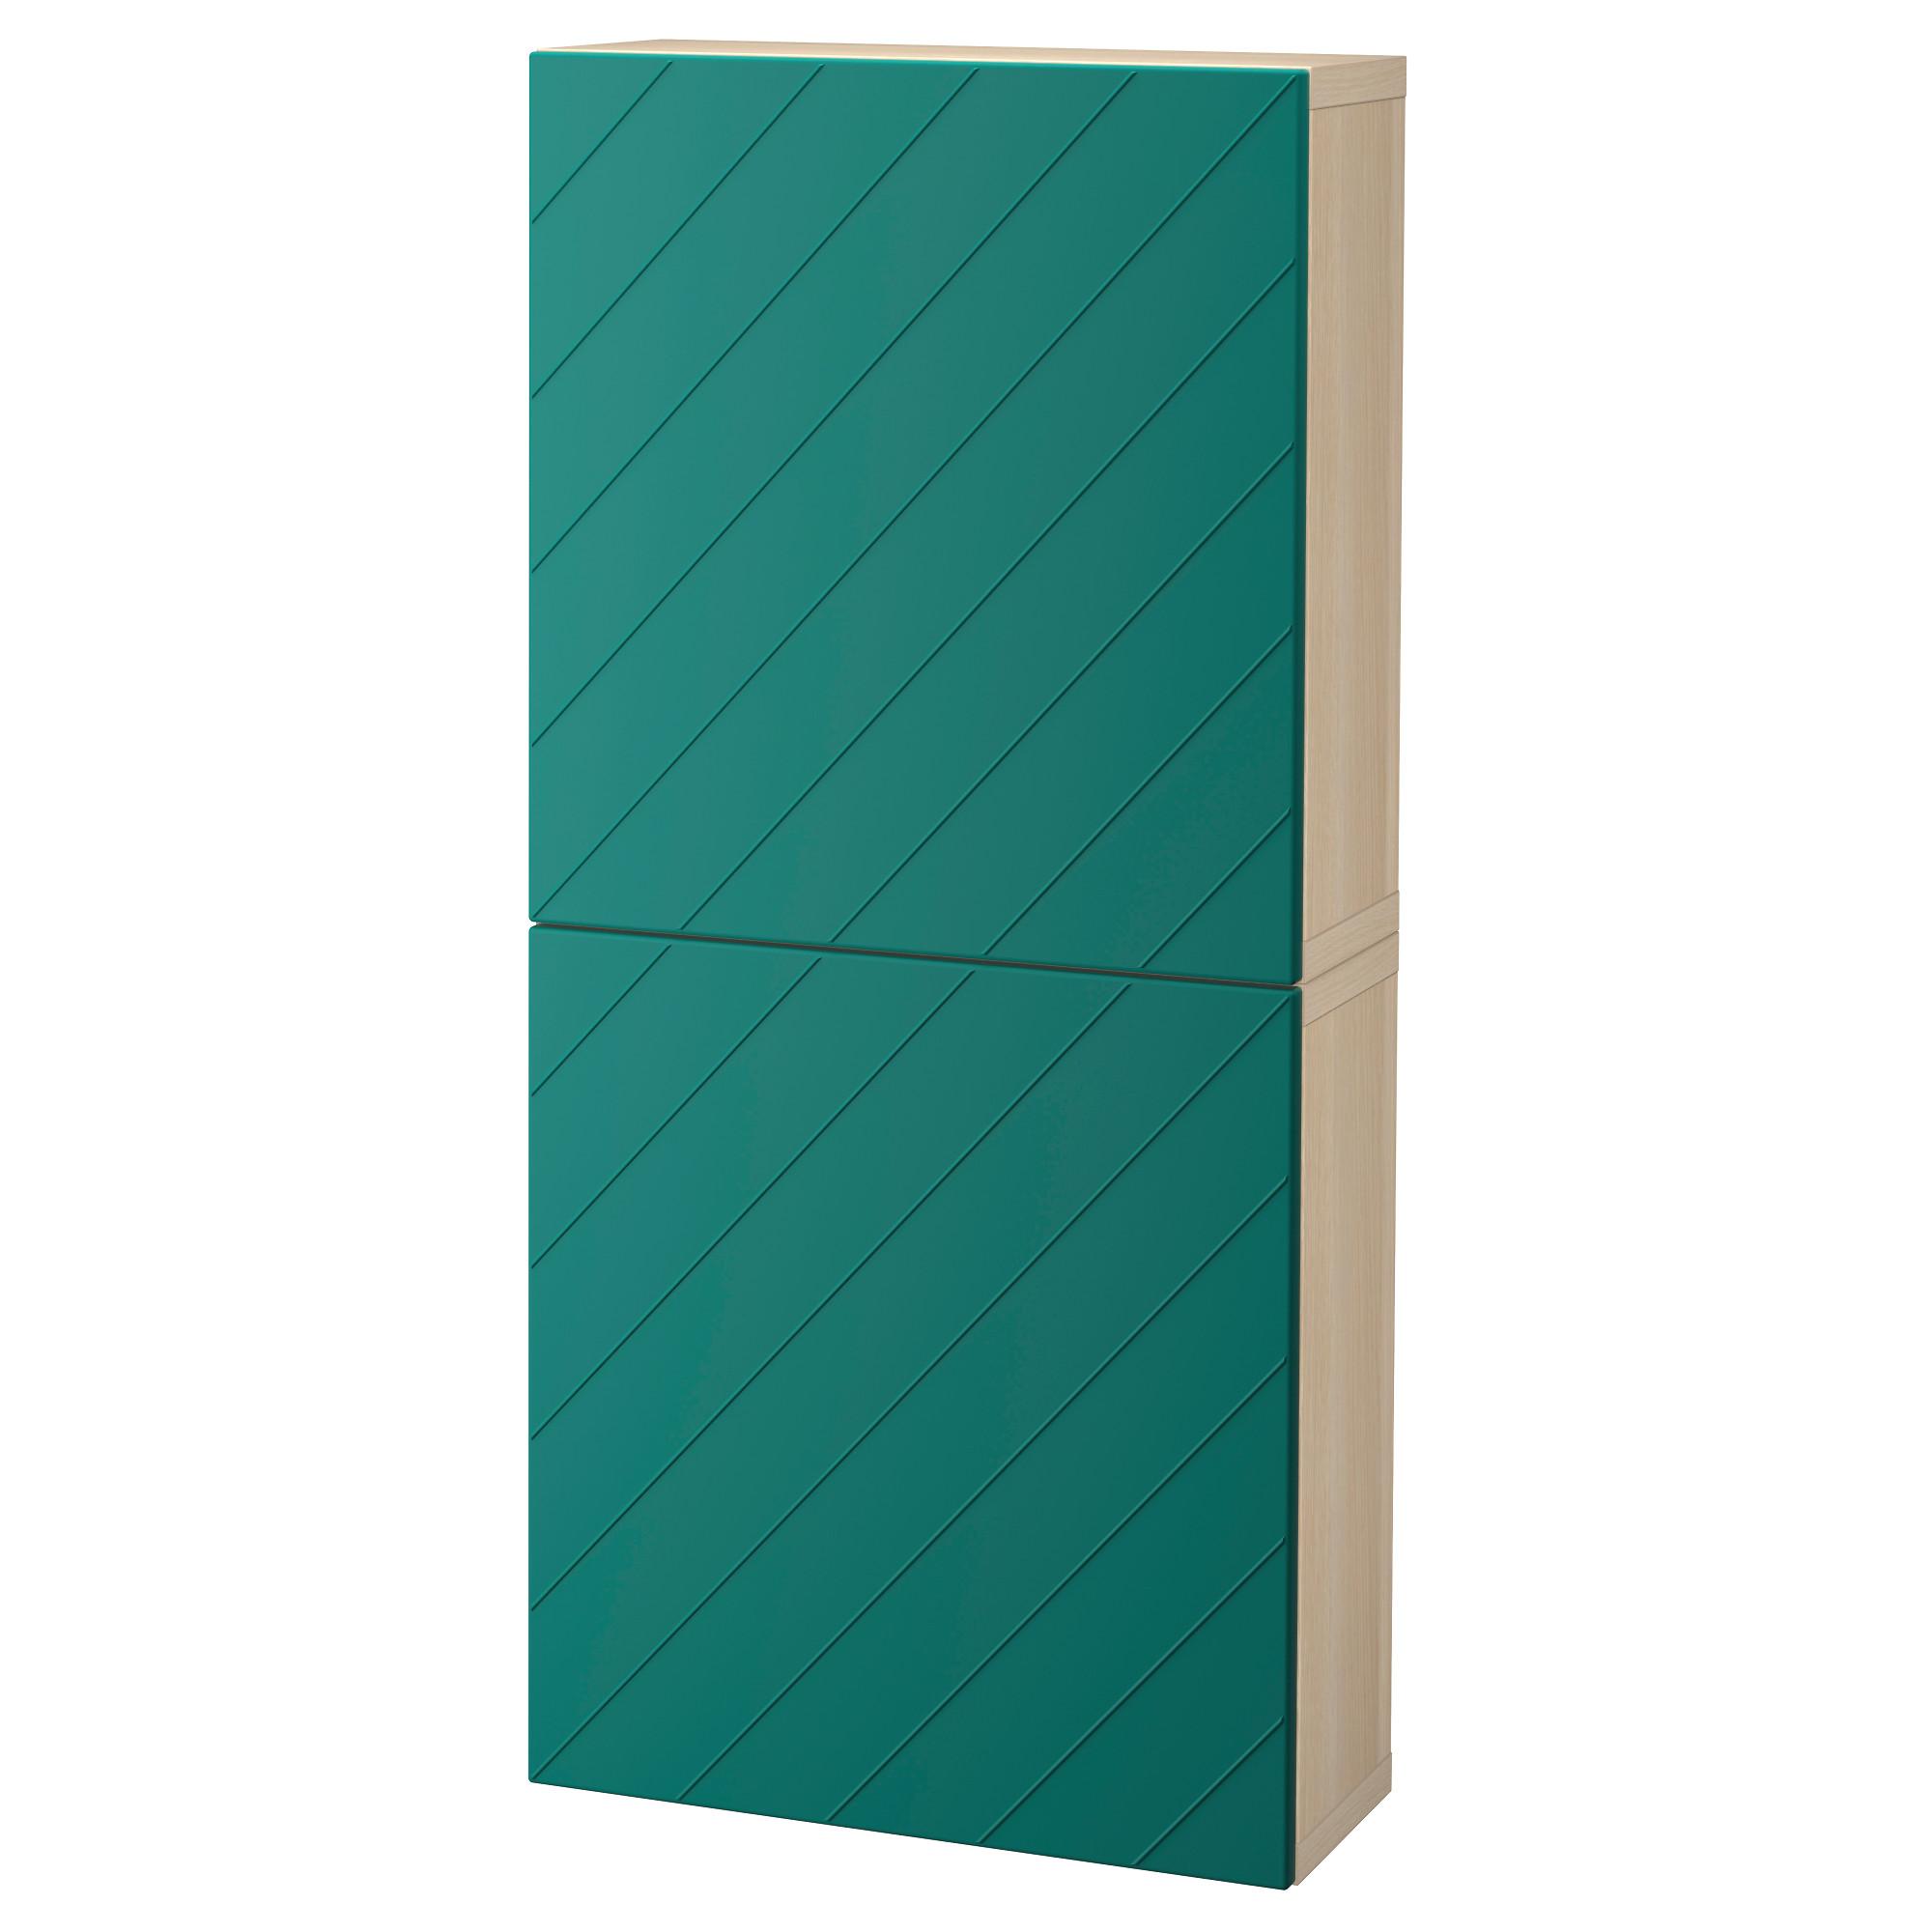 Навесной шкаф с 2 дверями БЕСТО сине-зеленый артикуль № 792.762.89 в наличии. Интернет магазин IKEA Беларусь. Быстрая доставка и монтаж.